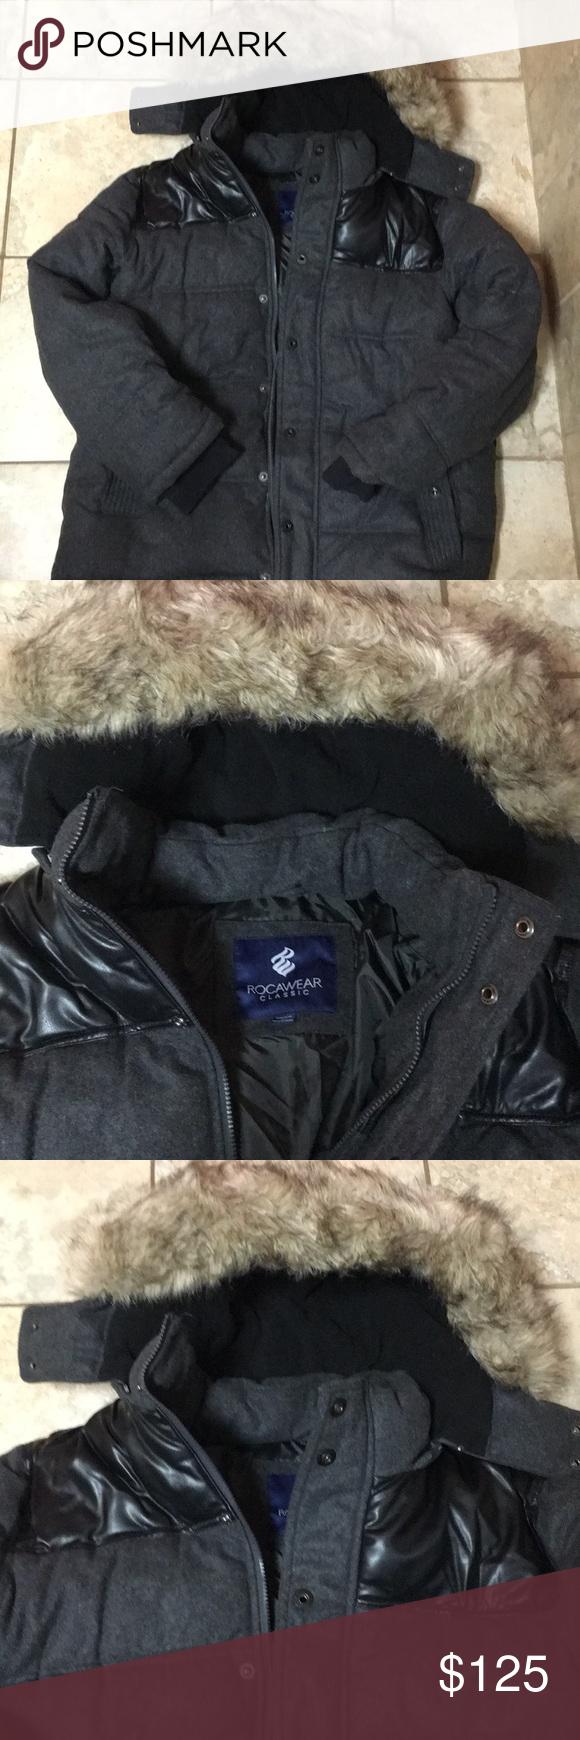 Men S Winter Coat Mens Winter Coat Winter Coat Coat [ 1740 x 580 Pixel ]